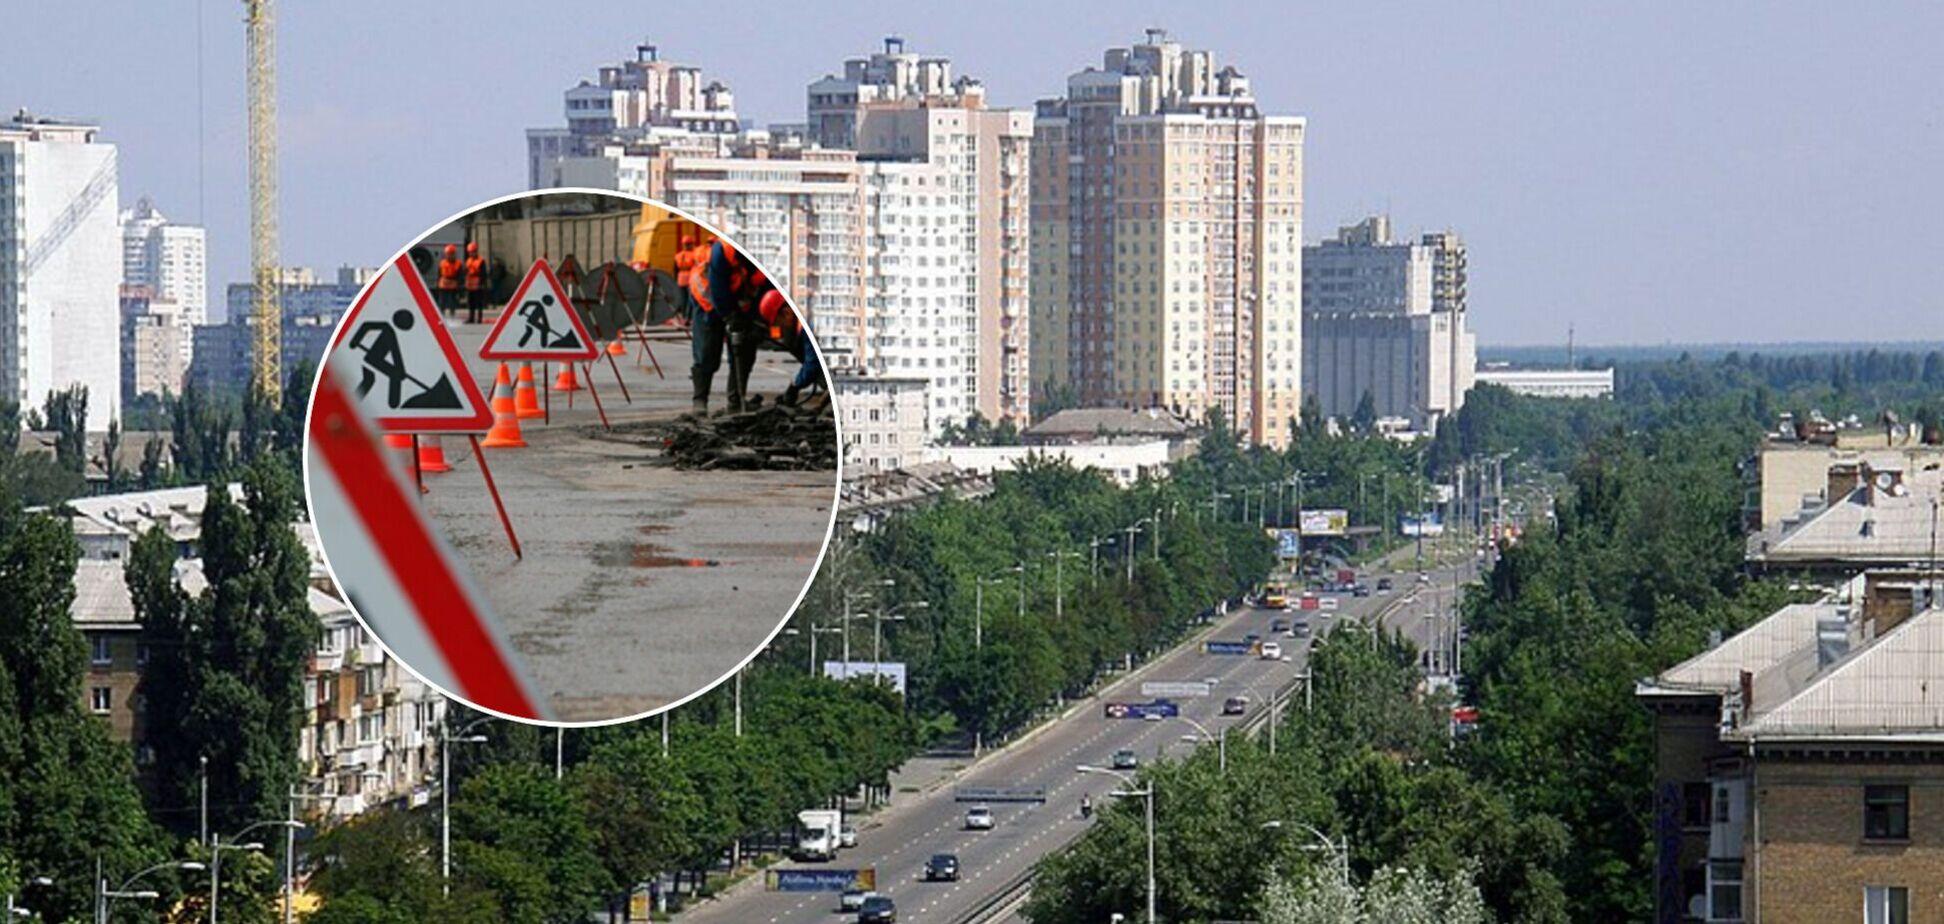 В Киеве реконструируют проспект Гагарина: уберут трамвайные пути и обустроят велодорожки